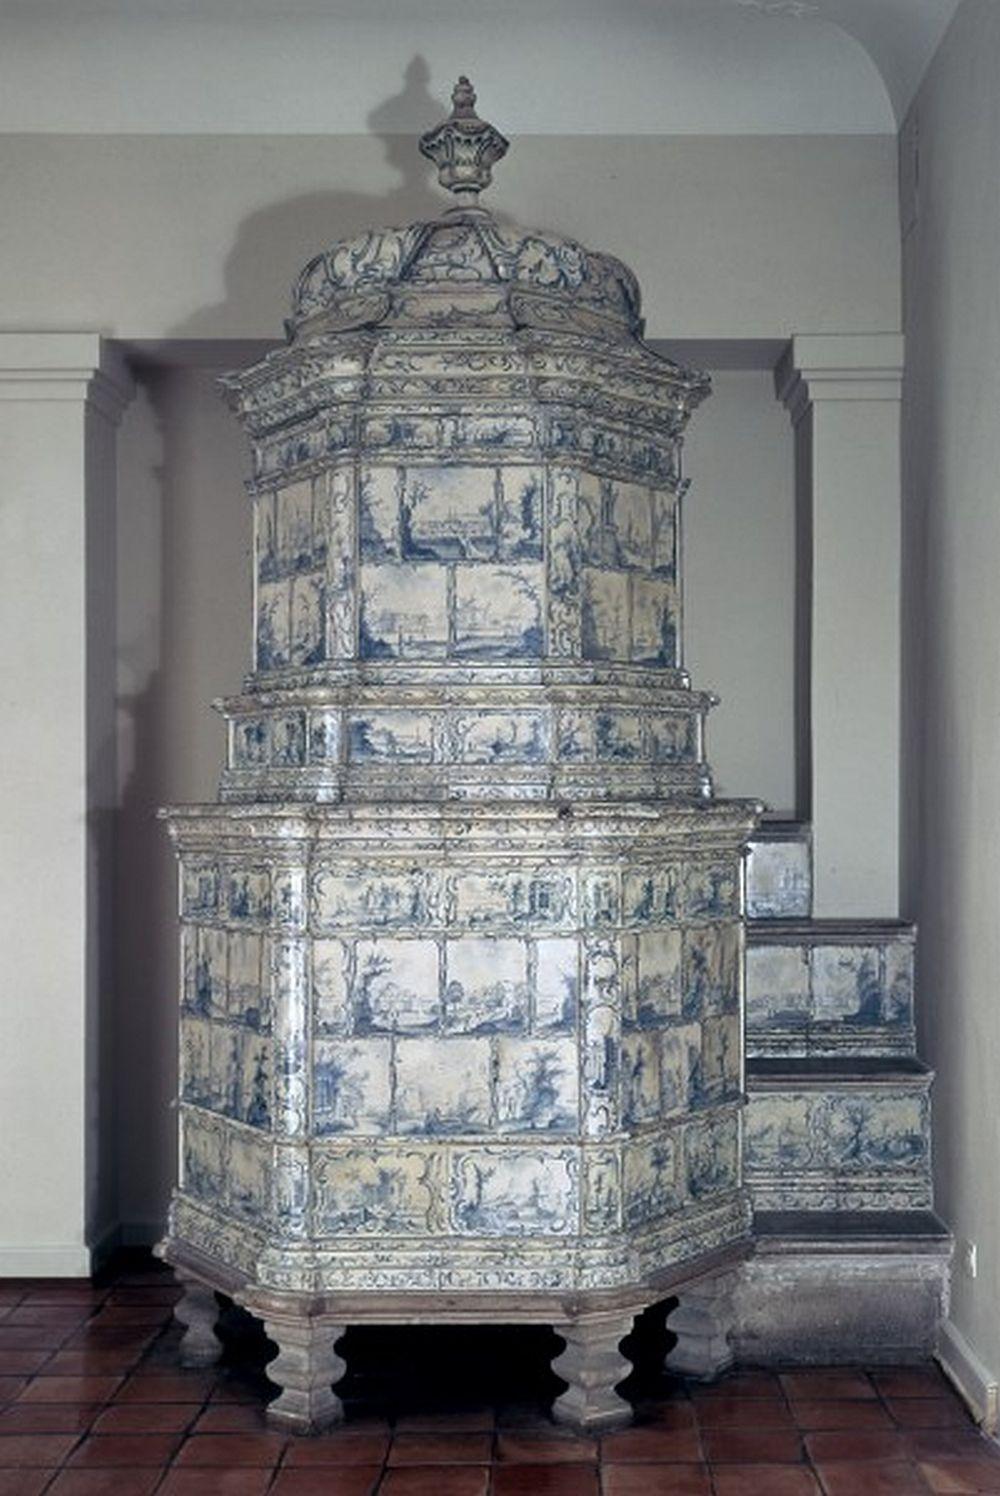 Soba Muri este semnată și datată 1773, manufacturată de ceramistul Michael Leontius Küchler și pictată de  Caspar Wold. Măsoară (fără decorul superior) 320 cm înălțime, 210 cm lungime și 117 cm adâncime.   Museum für Wohnkultur